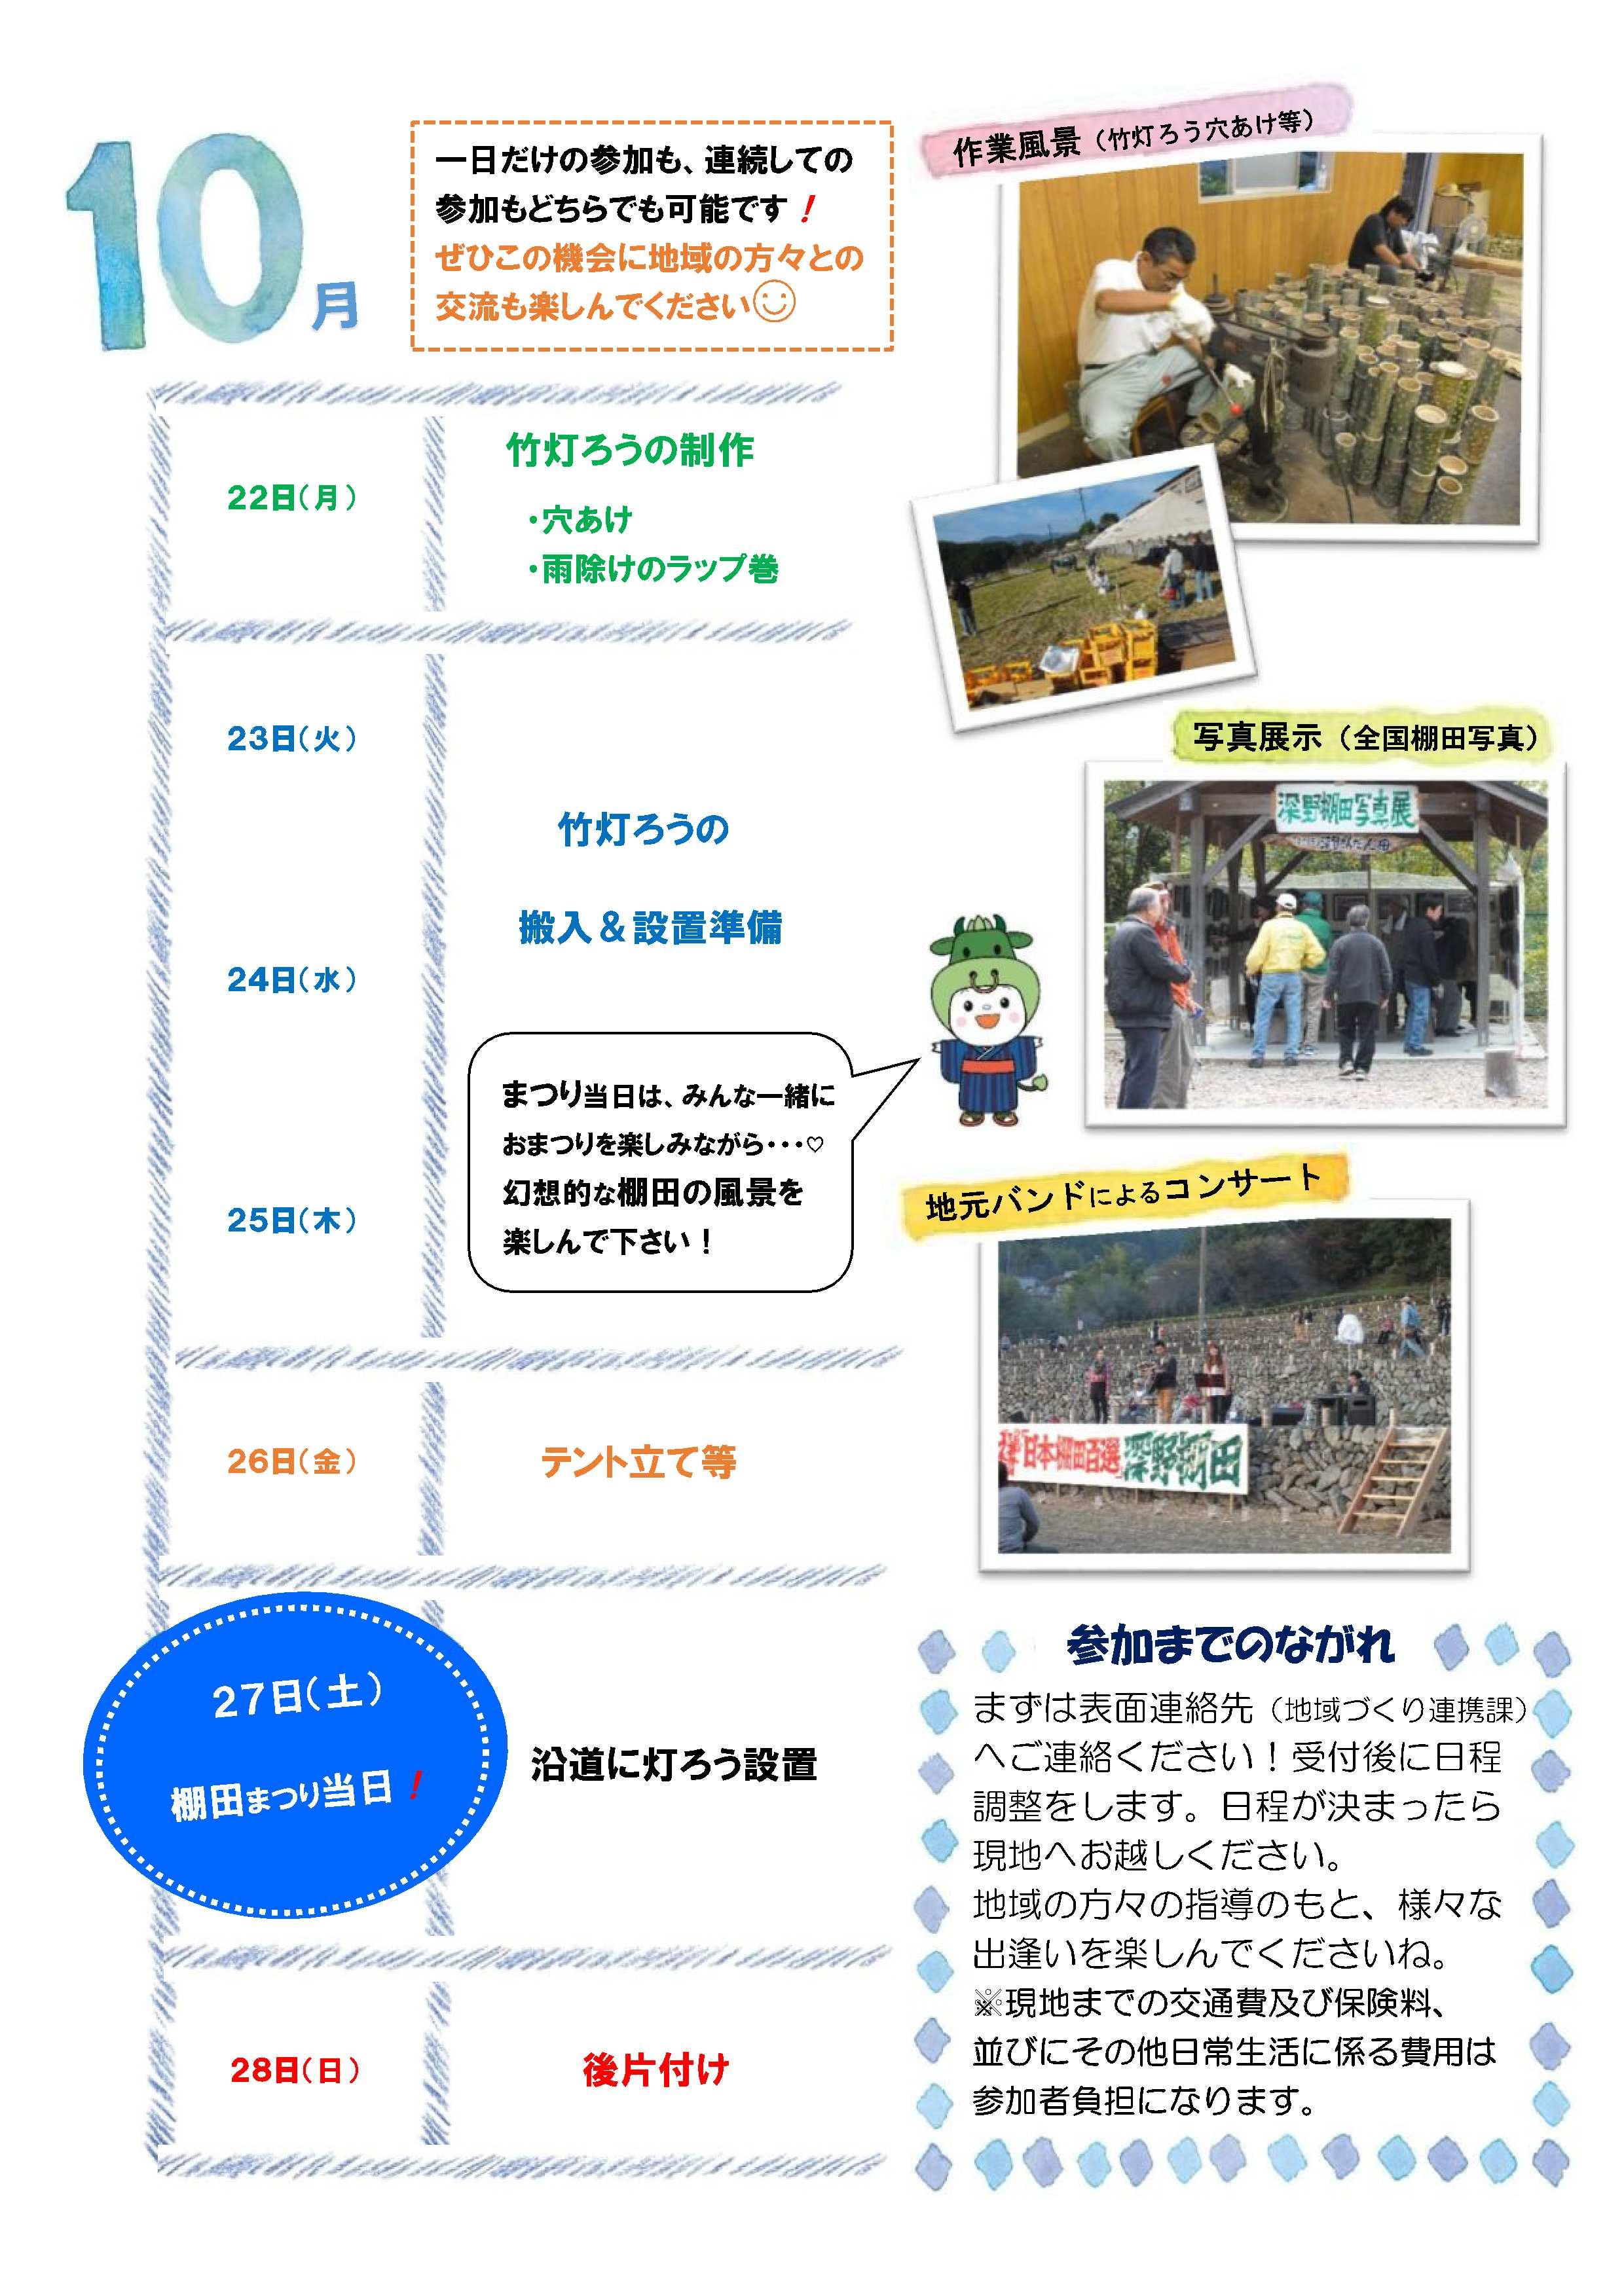 【松阪市】深野「棚田まつり」を準備からまるごと楽しみませんか?_写真2